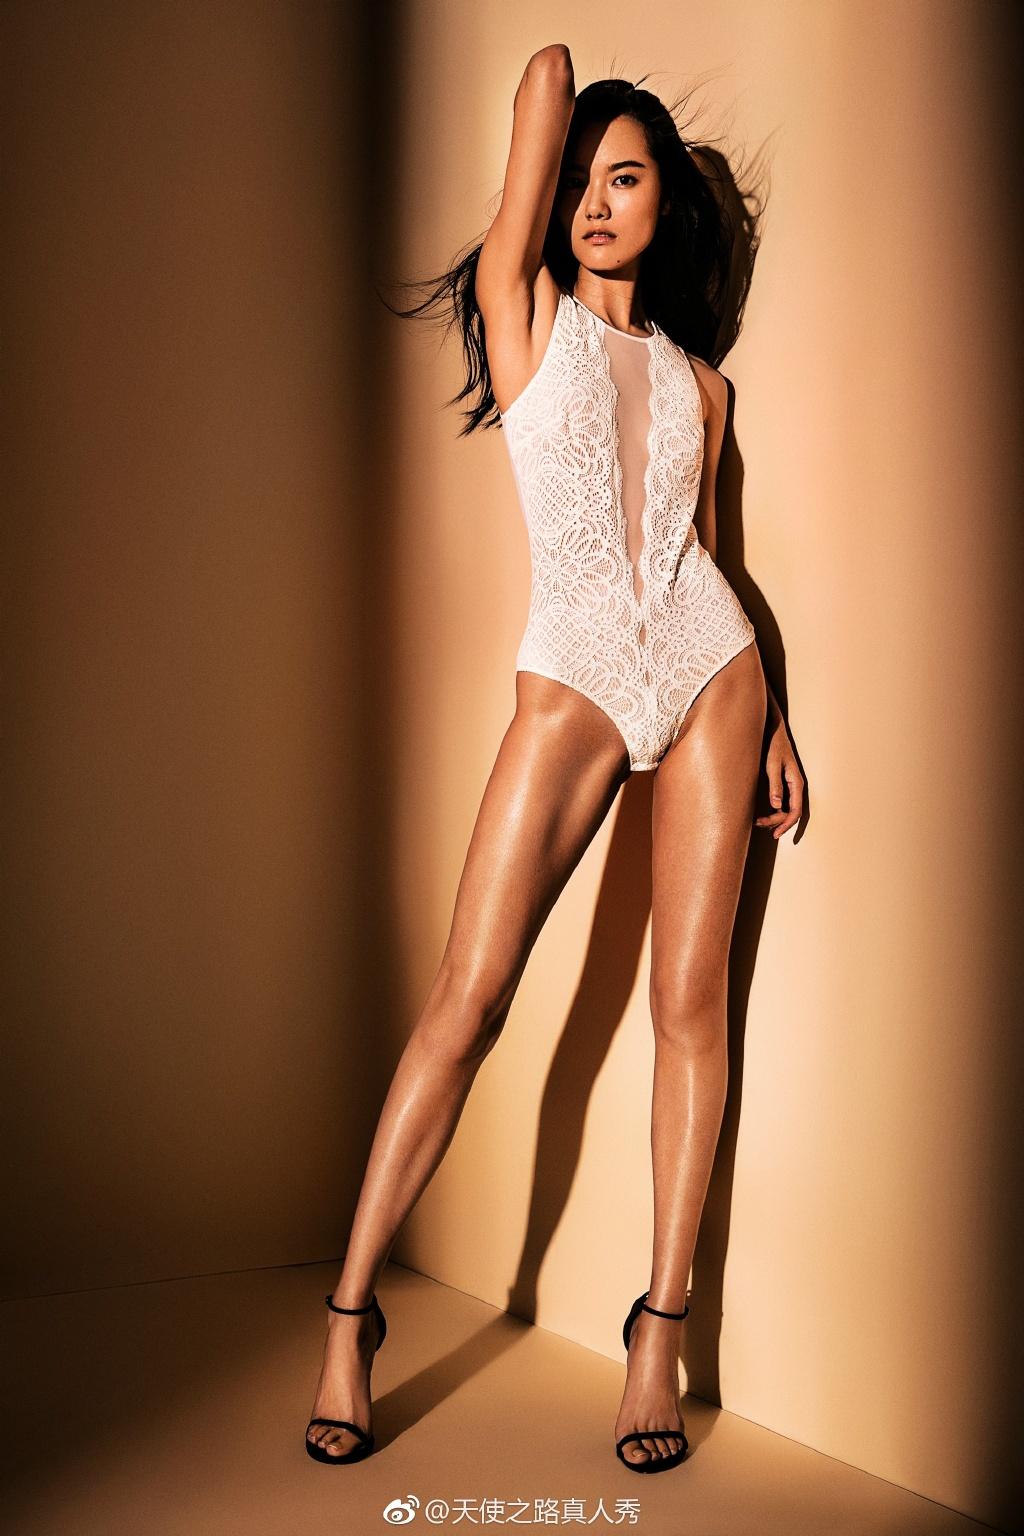 Dàn thí sinh show tuyển mẫu cho Victorias Secret: Xinh và nuột thôi rồi! - Ảnh 8.